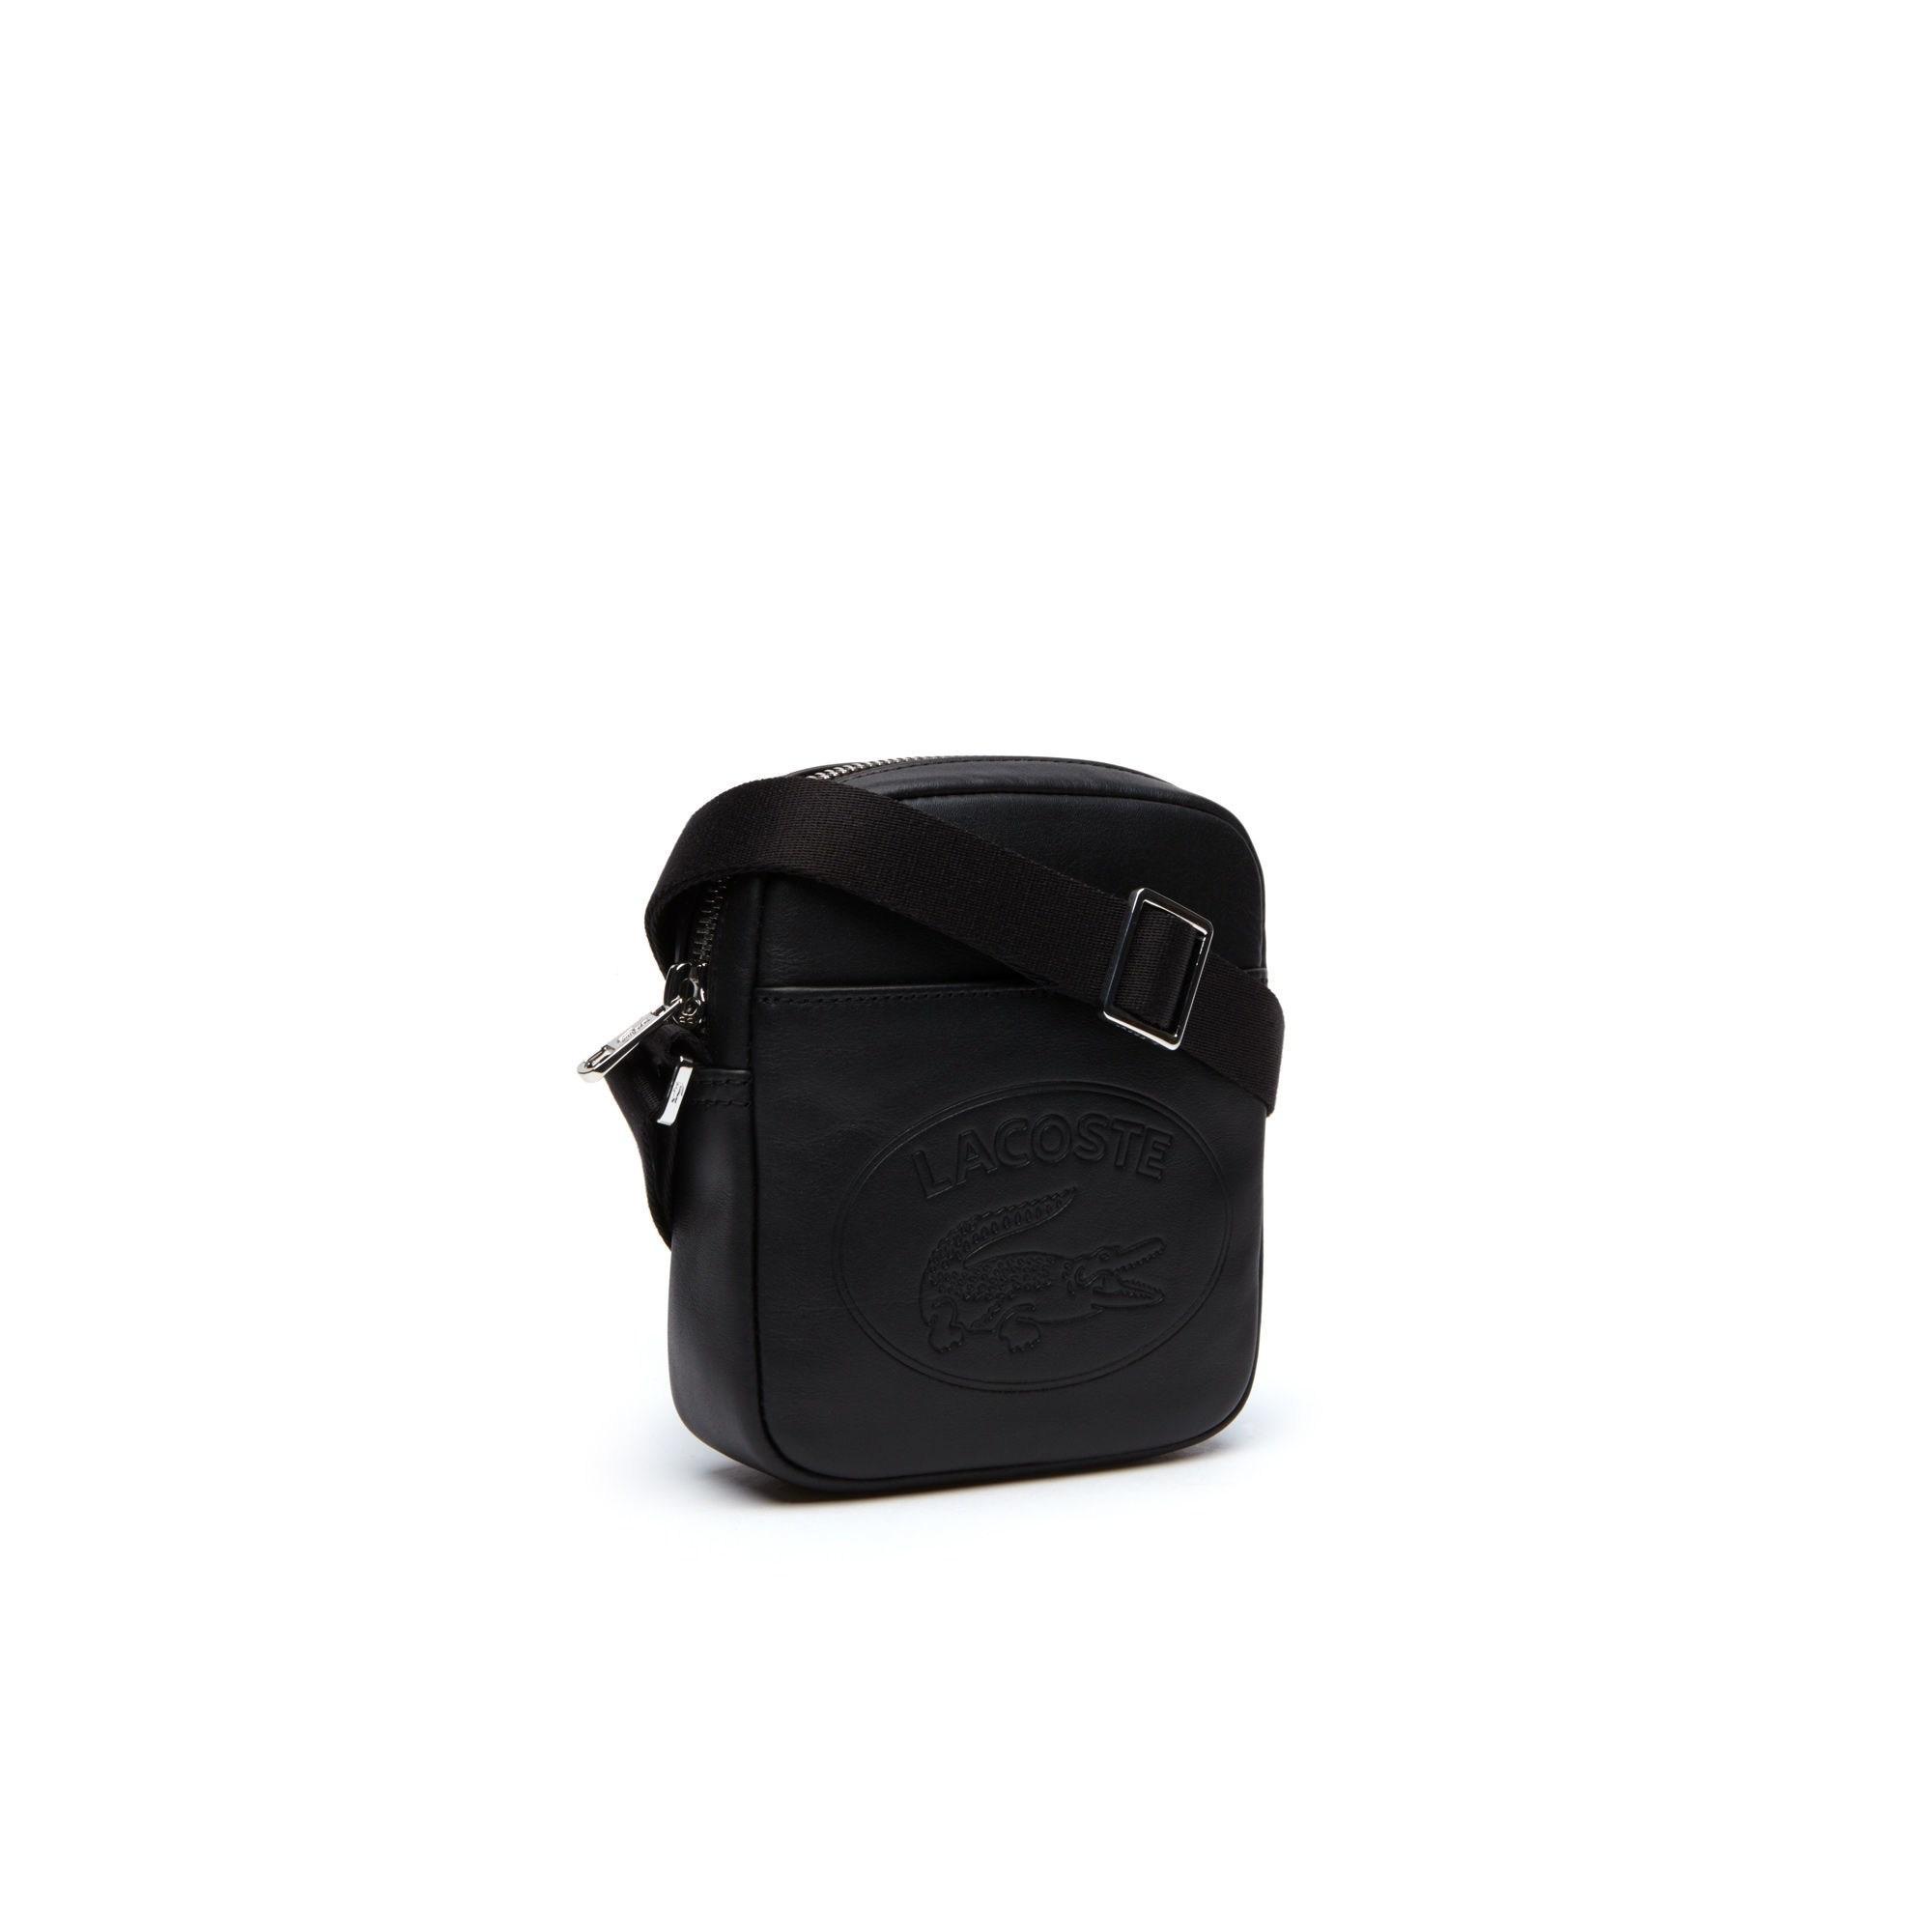 43c4e662af5 Lacoste L.12.12 Casual Embossed Lettering Vertical Leather Bag in Black for  Men - Lyst